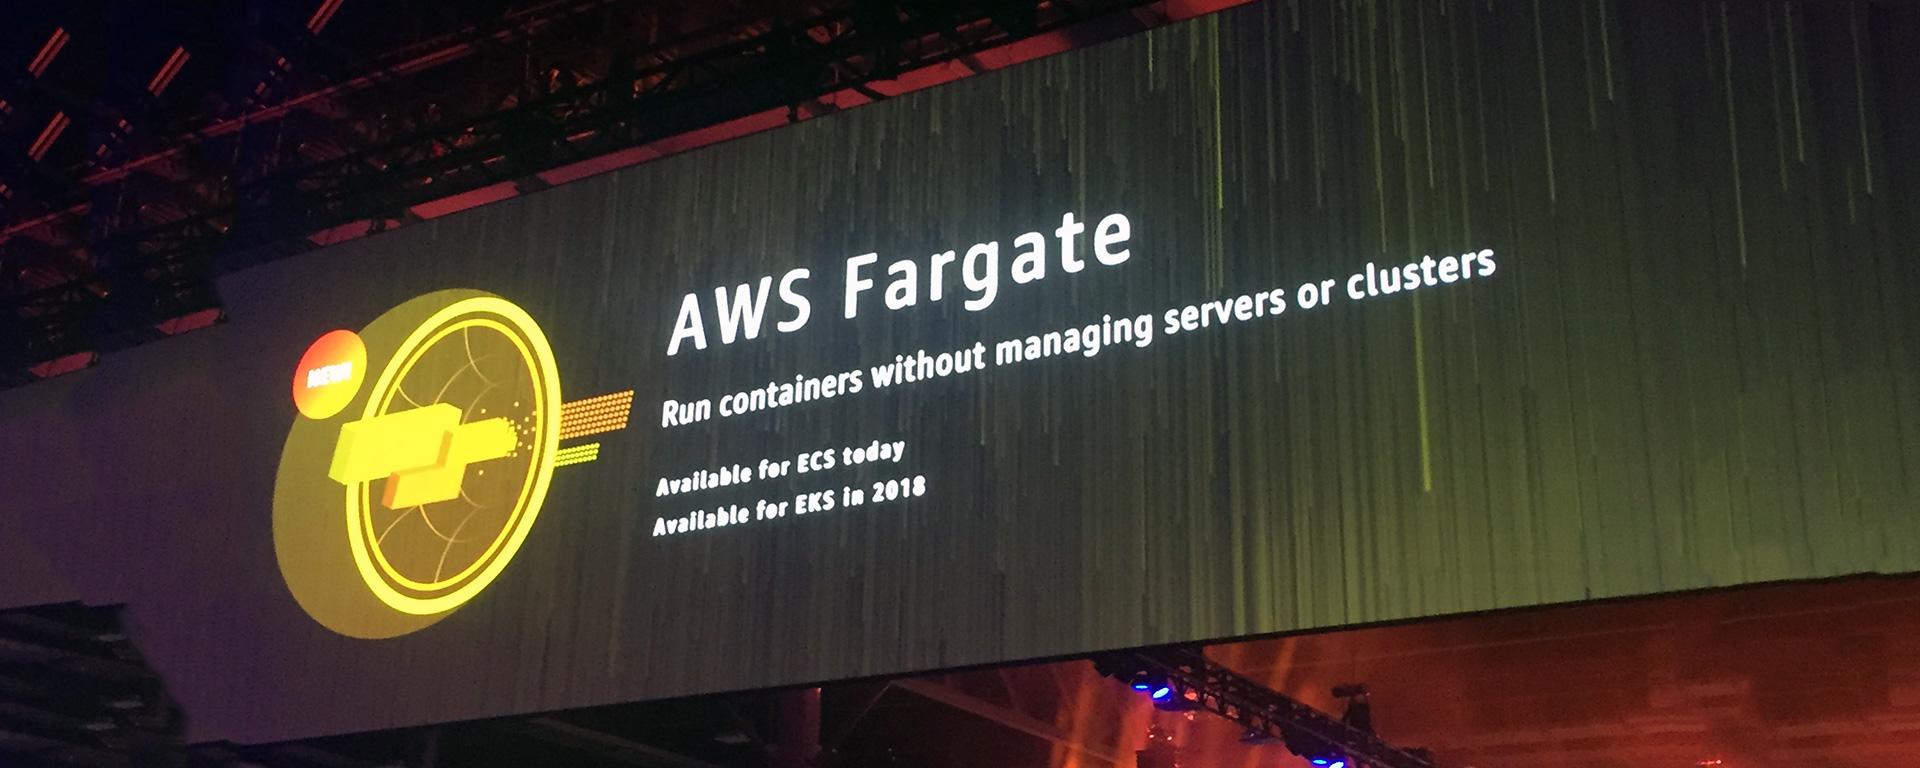 AWS re:Invent 2017で発表されたコンテナ関連サービス(EKS、Fargate)のまとめと自社サービスへの活用